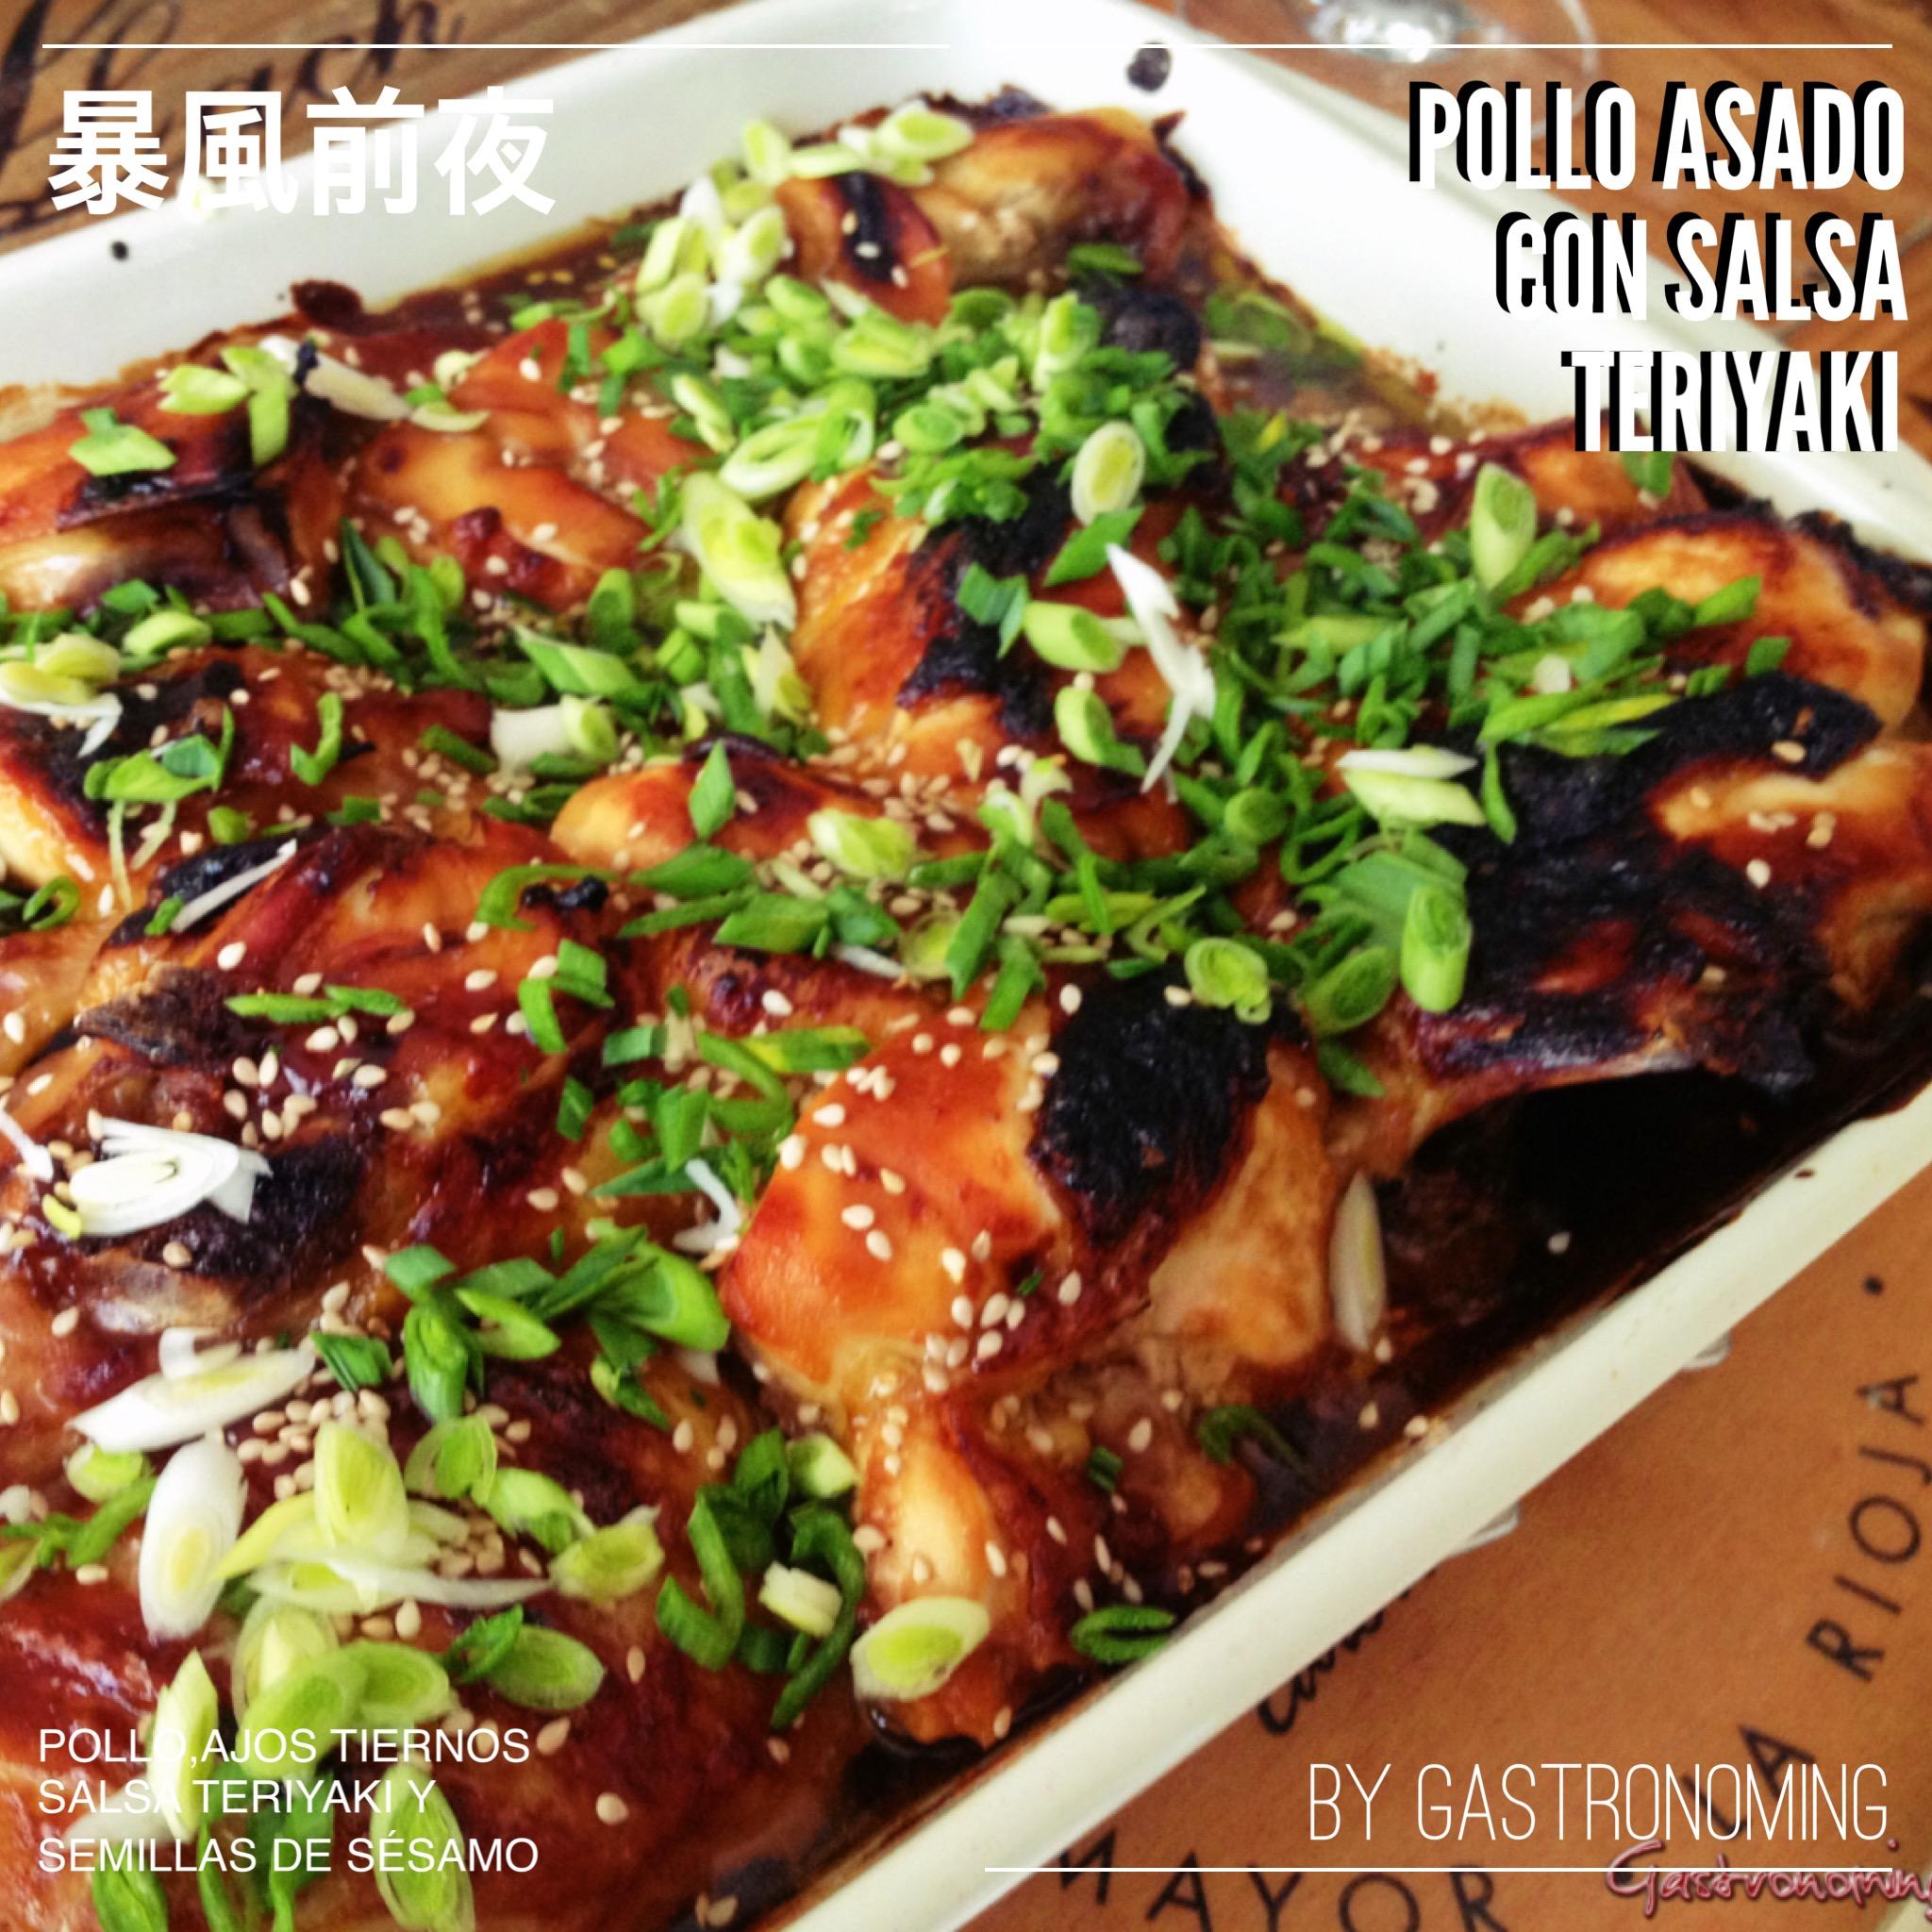 Pollo asado con salsa teriyaki gastronoming - Salsa para pollos asados ...